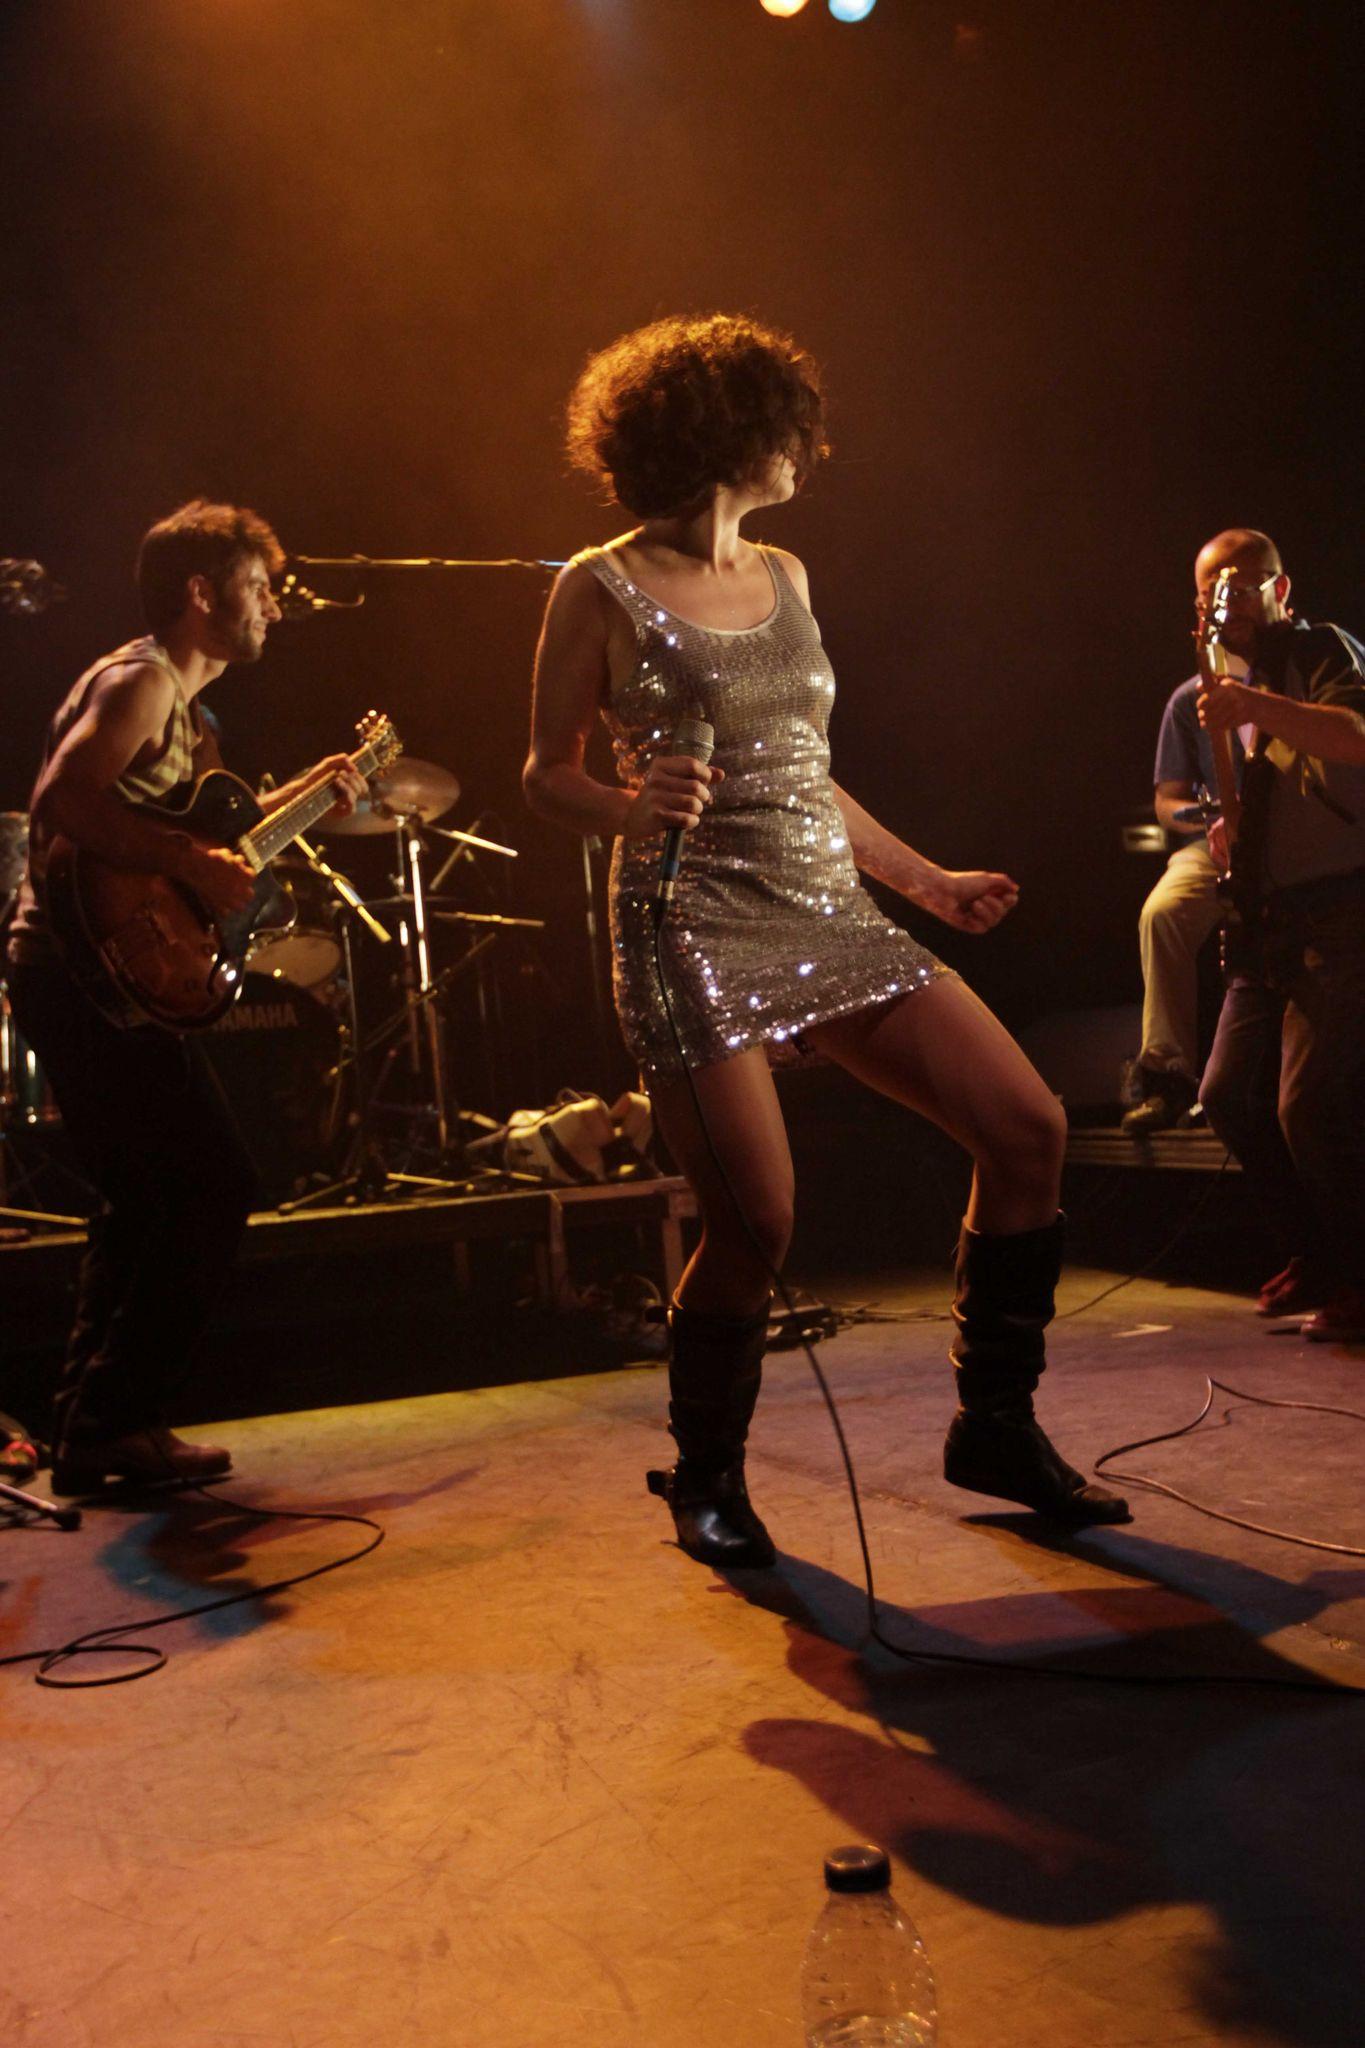 AfroWildZombies-Tour2Chauffe-LesArcades-2012-248